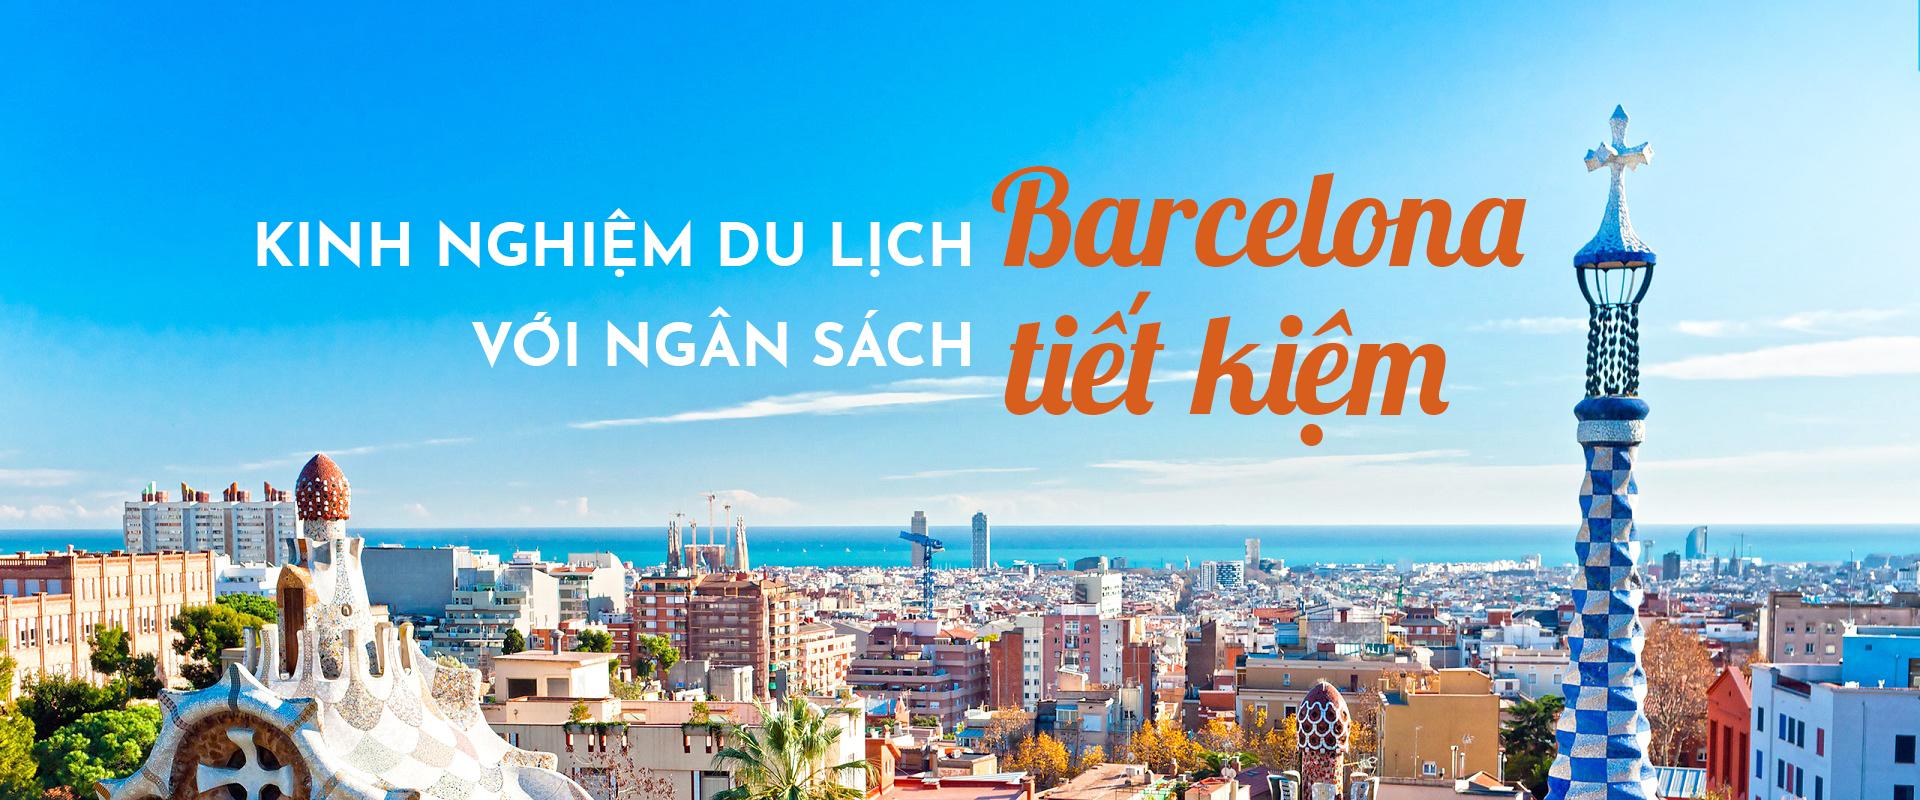 Làm thế nào để du lịch Barcelona với ngân sách tiết kiệm?